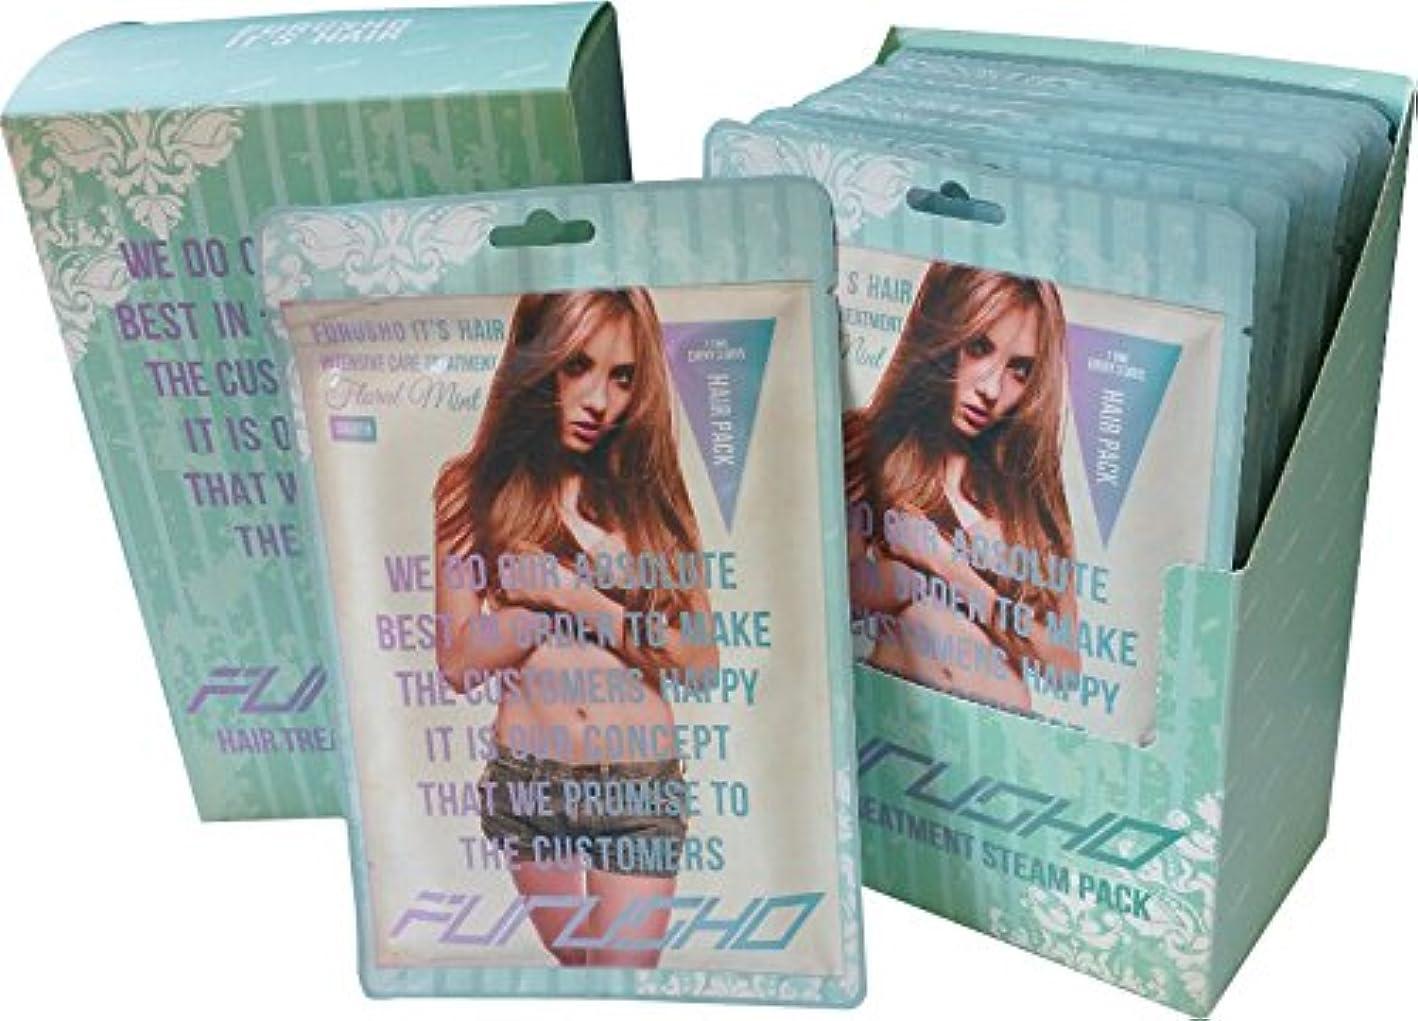 リンケージ補償ゆでるFURUSHO HAIR TREATMENT STEAM PACK(集中ケアヘアパック) 10枚セットBOX